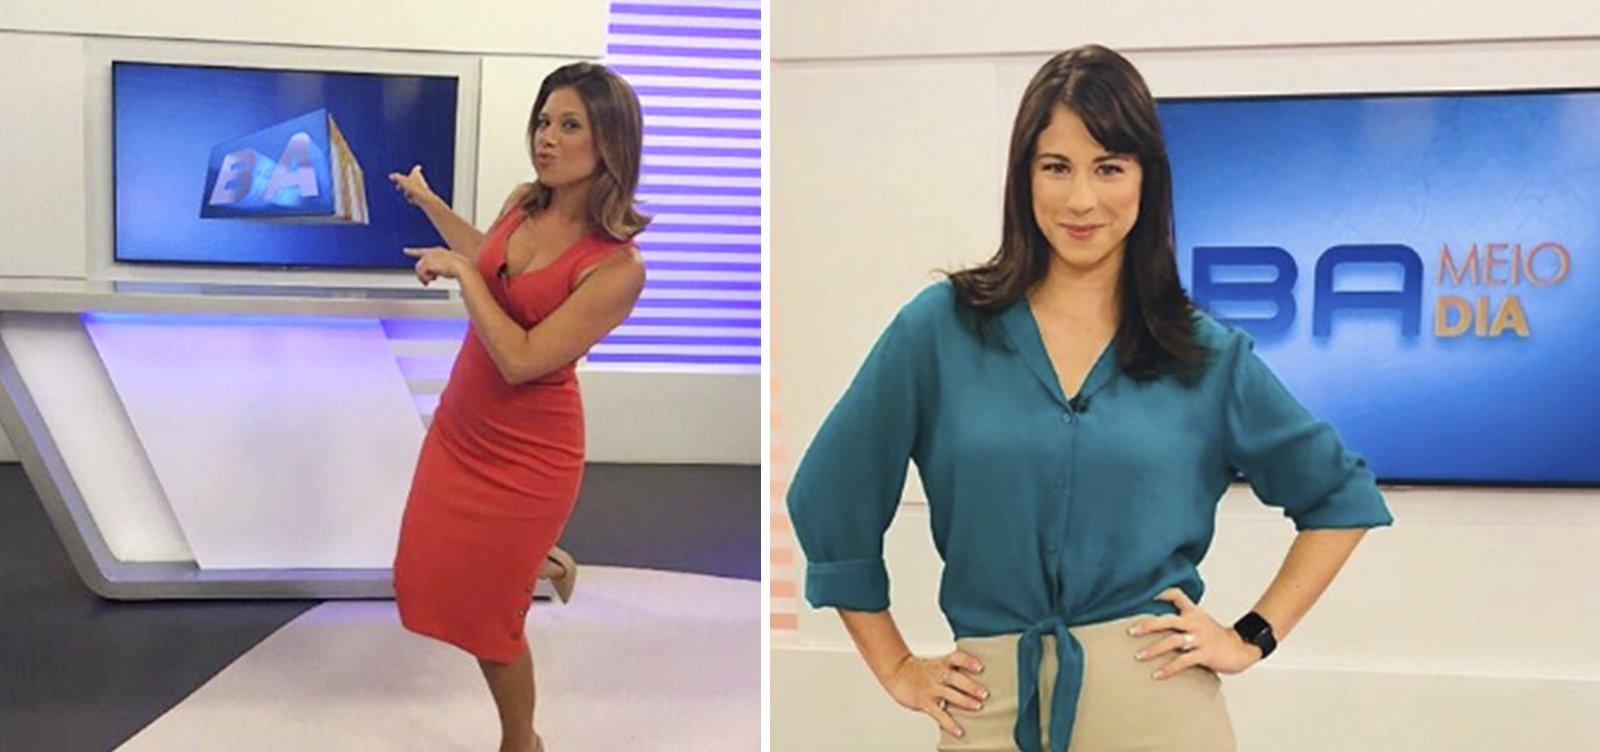 Lados da mesma moeda: Senra comemora 1 ano de TV Bahia; Camila Marinho lembra despedida